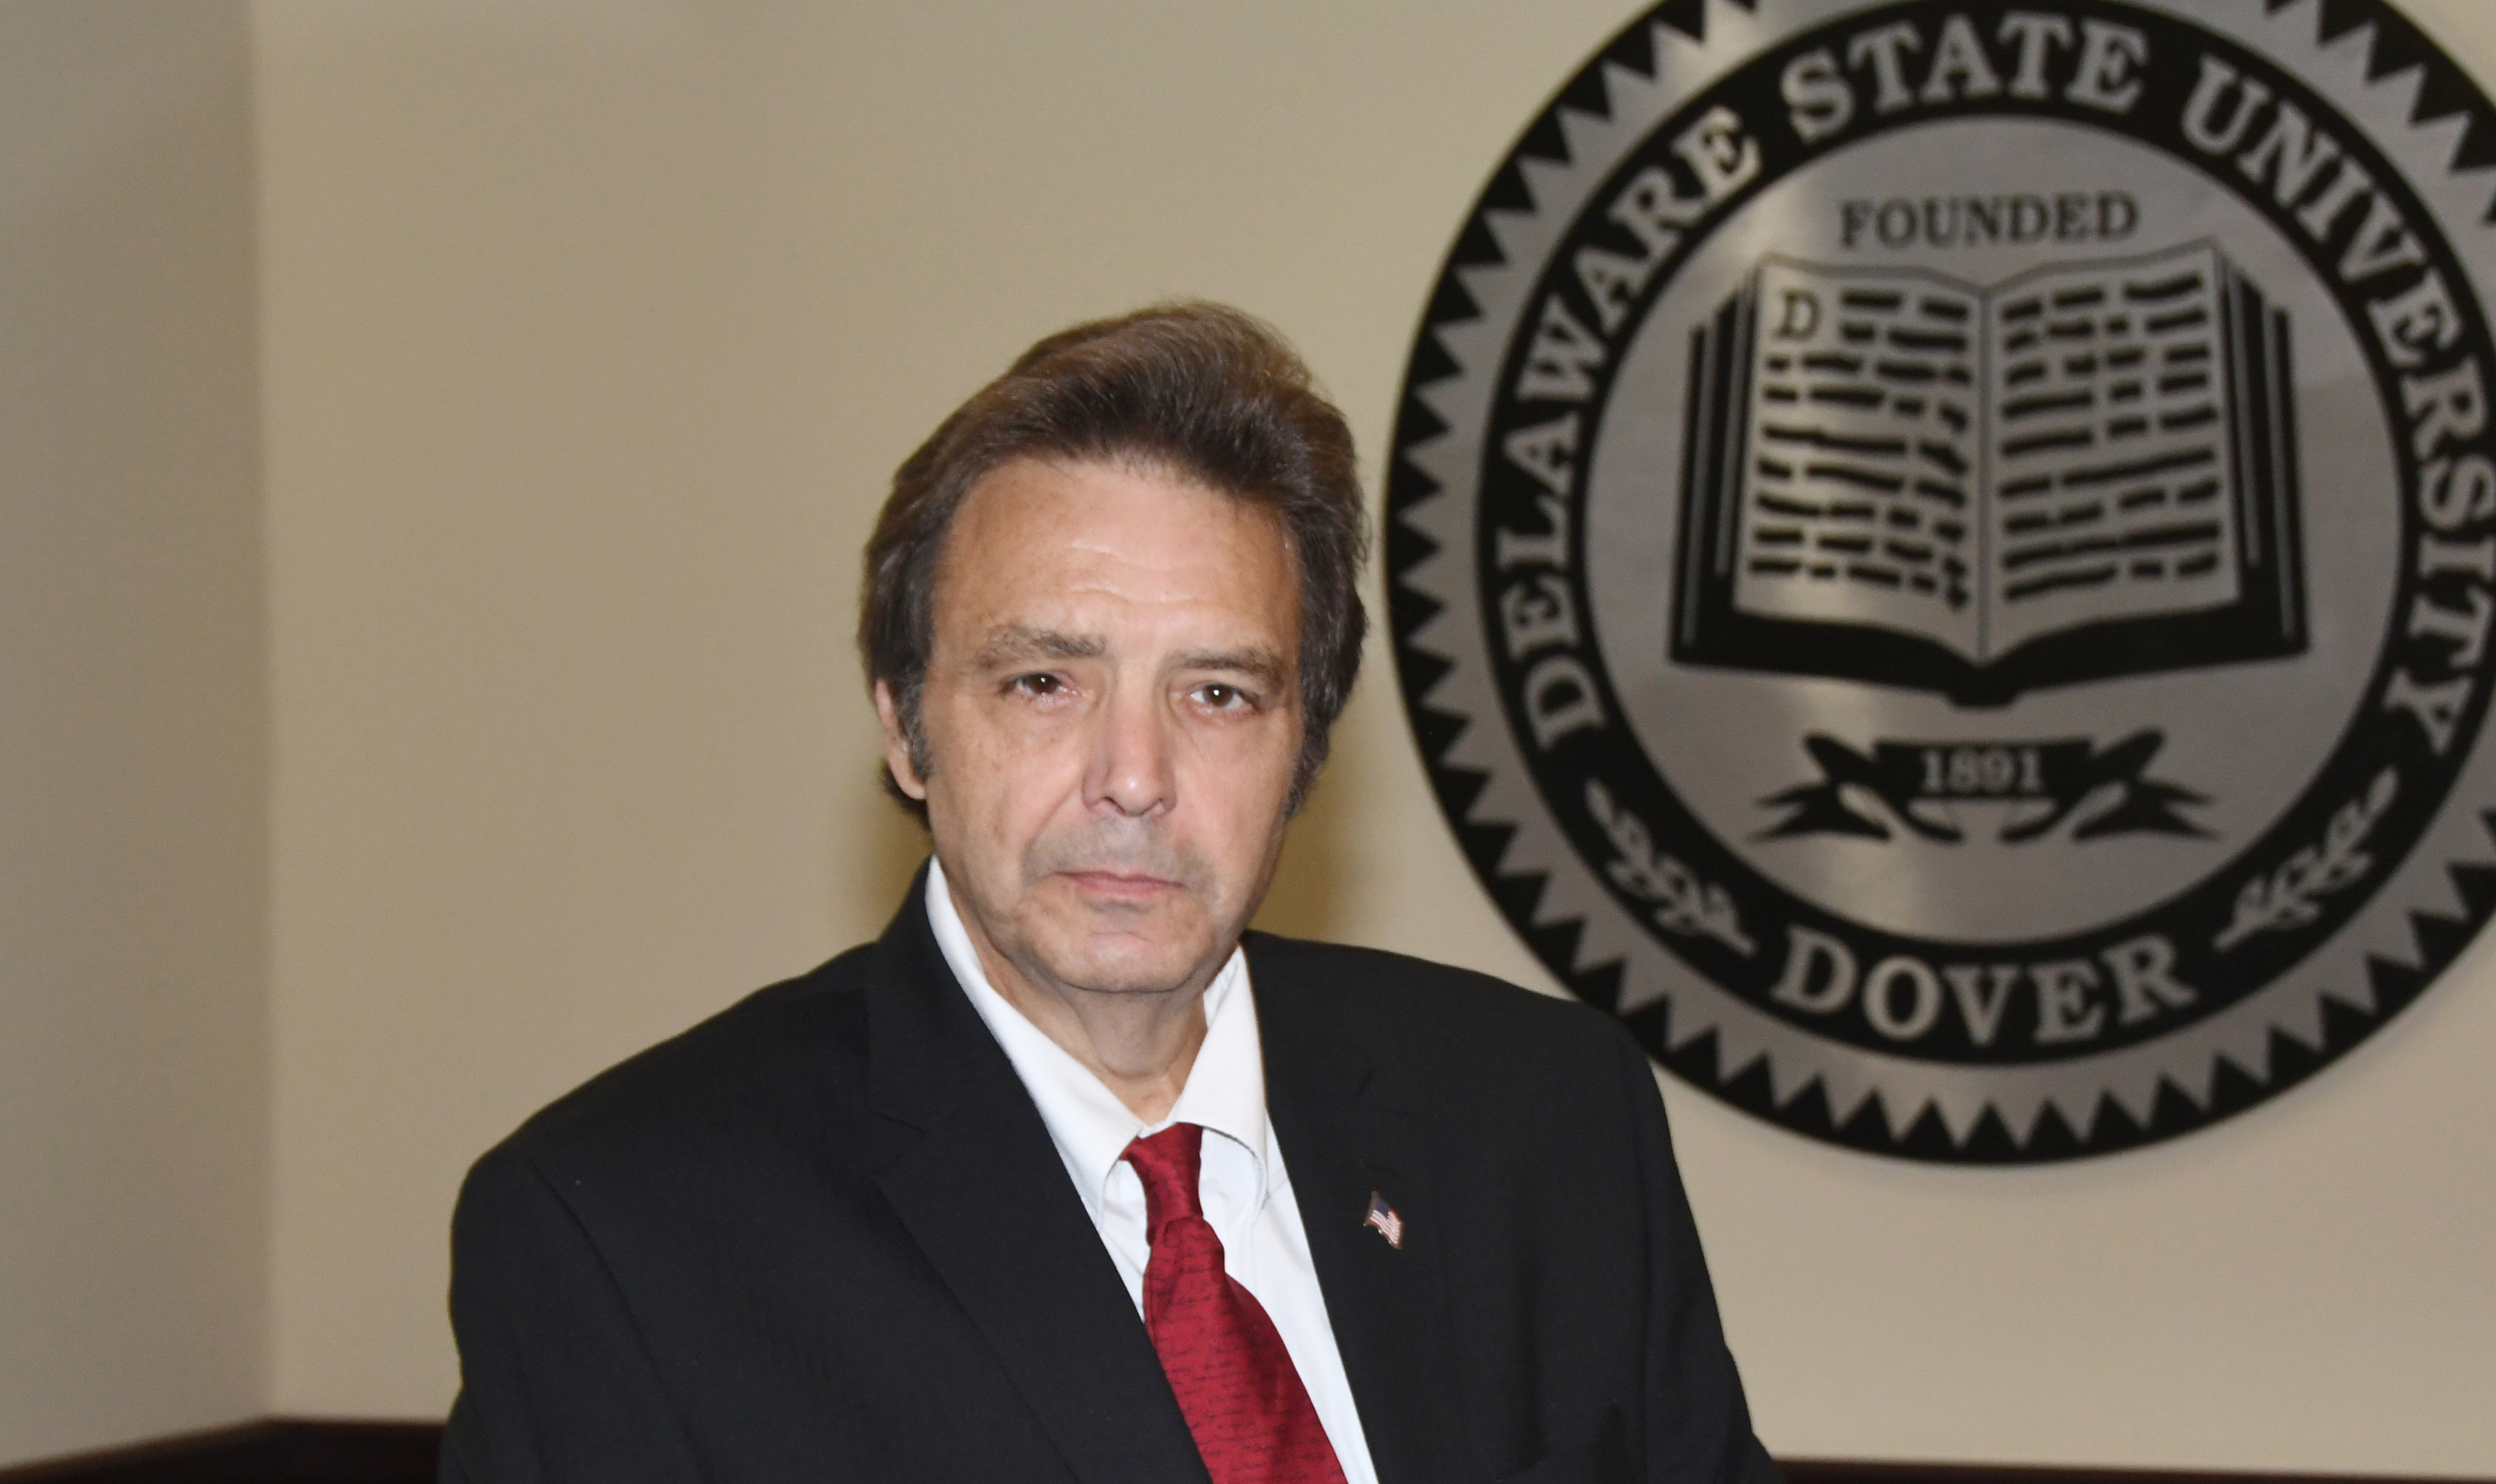 Delaware Civil Rights Advancement 2010-2019 -- editorial